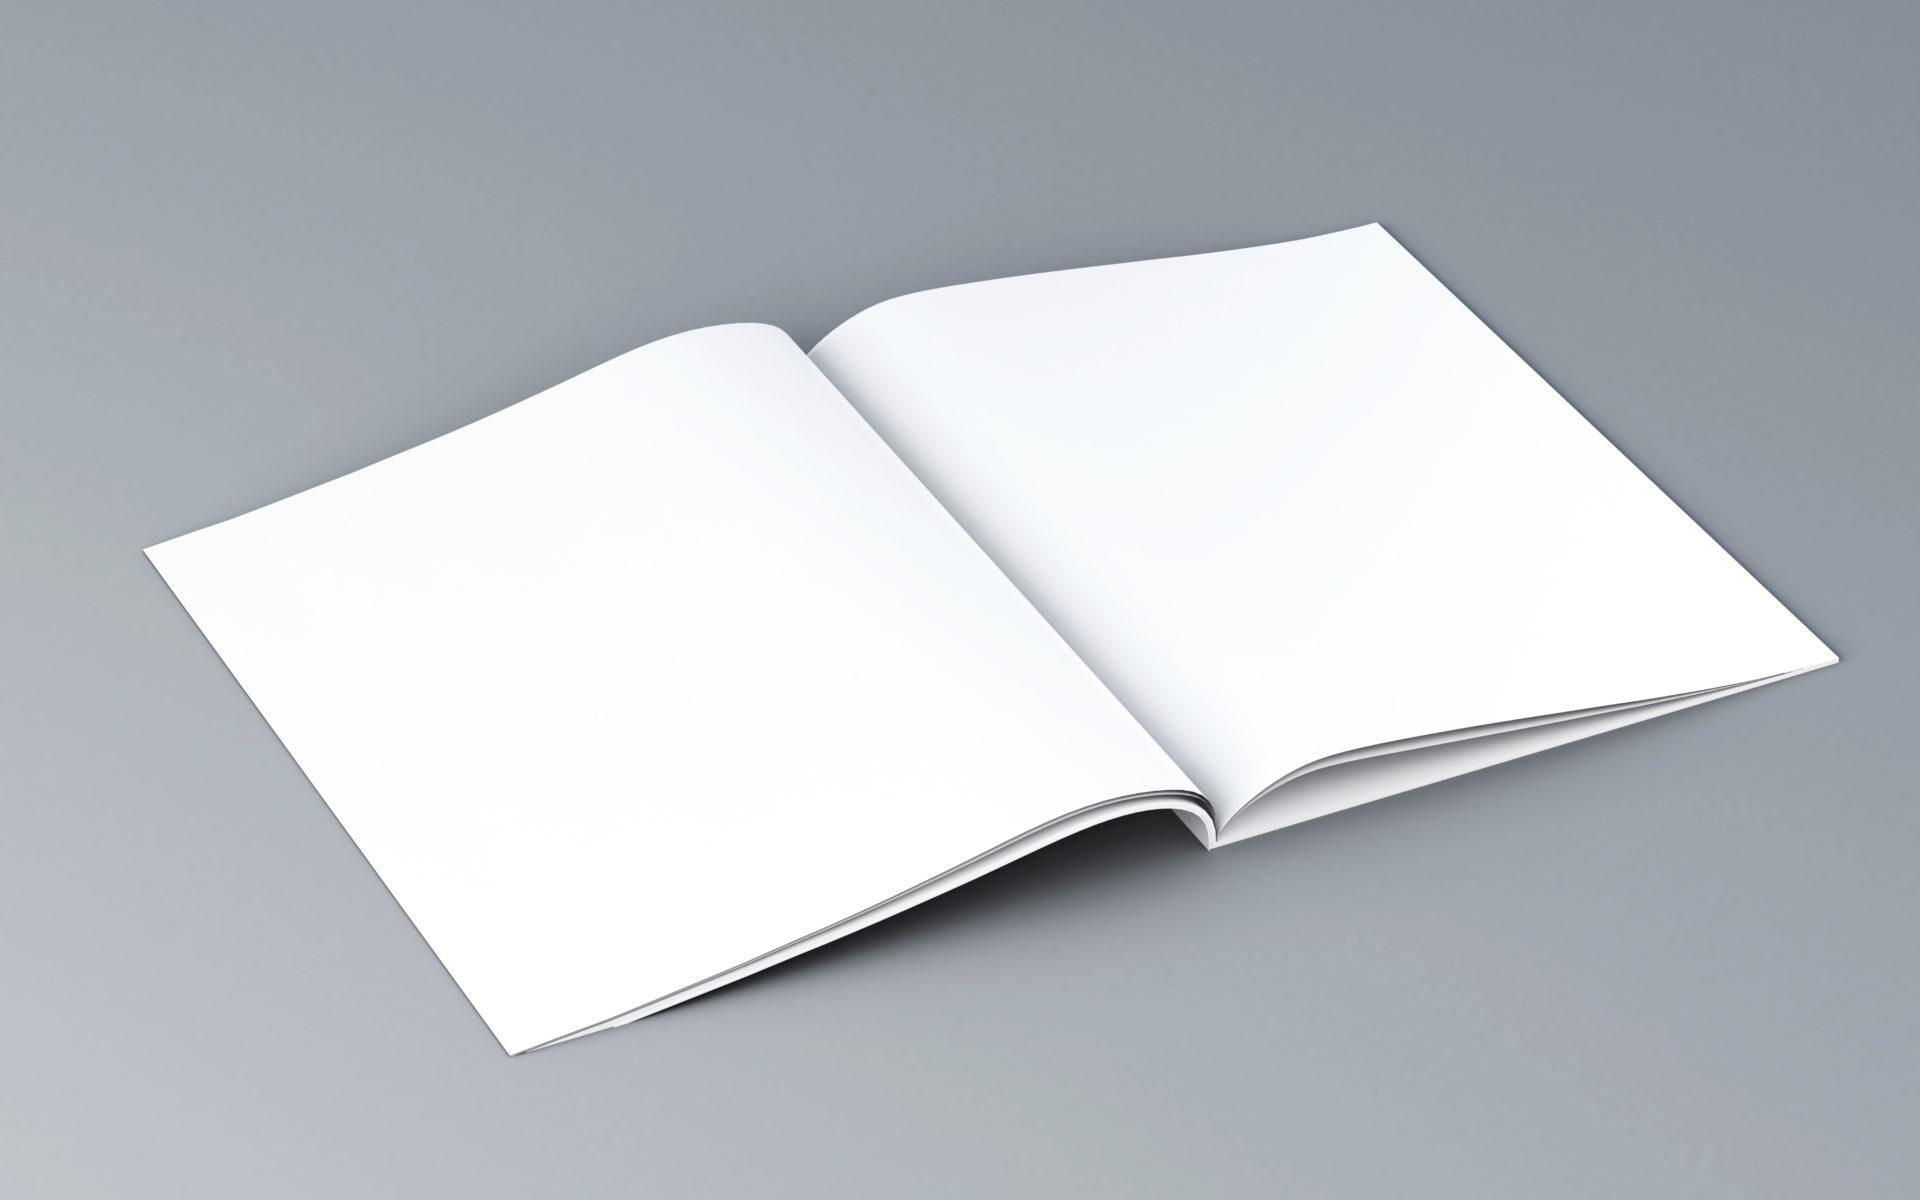 3d opened magazine. Mockup